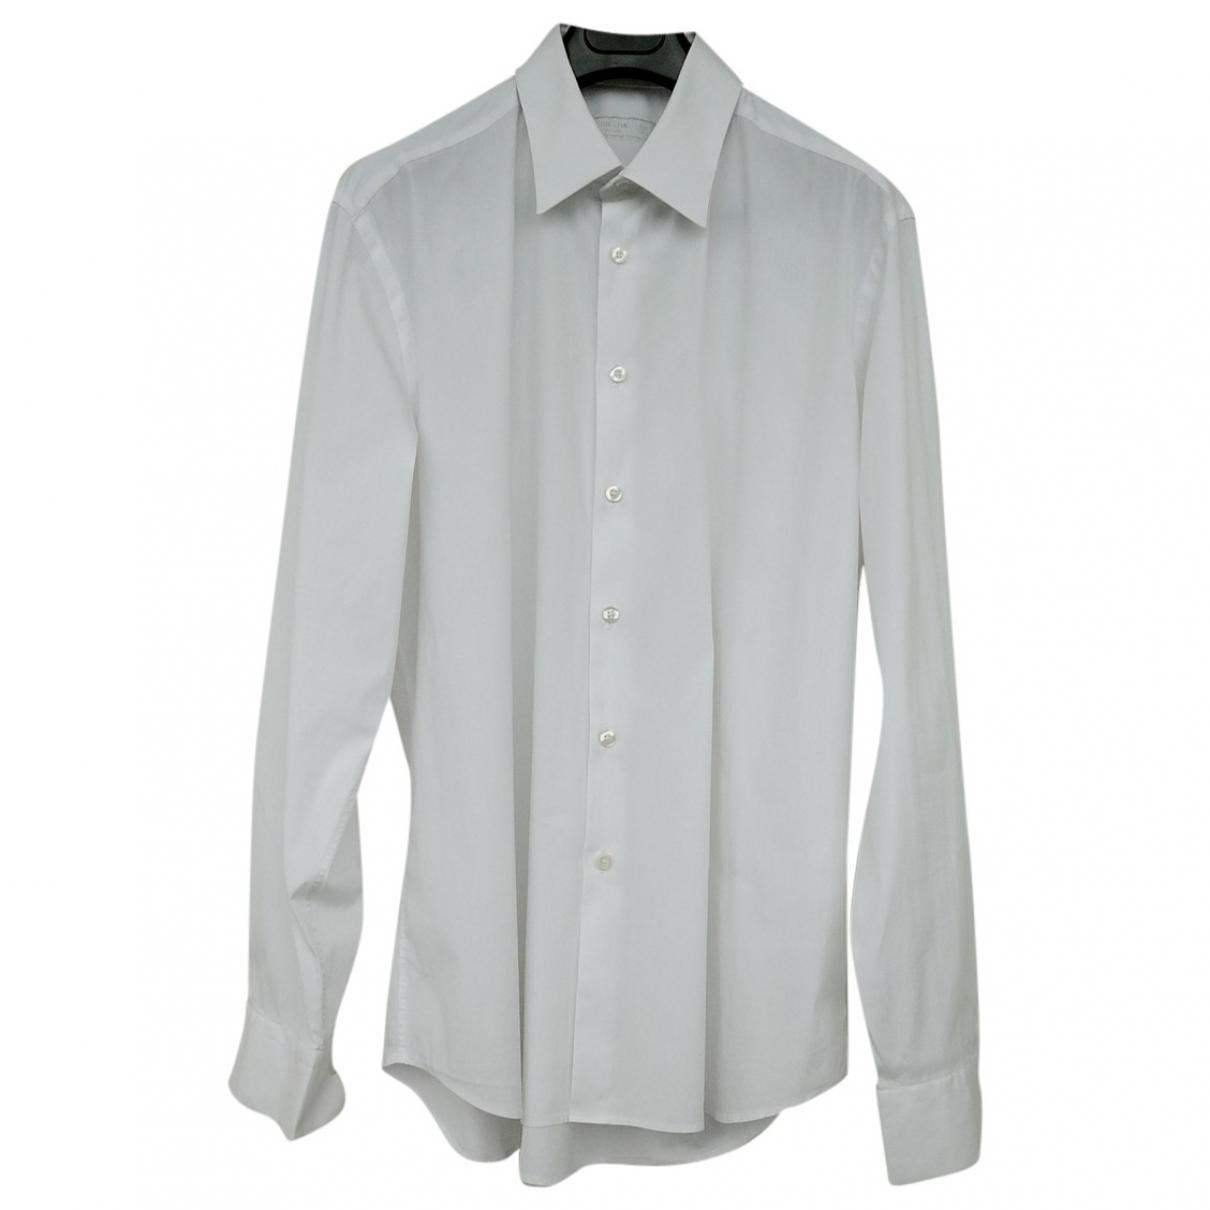 Prada \N White Cotton Shirts for Men 43 EU (tour de cou / collar)